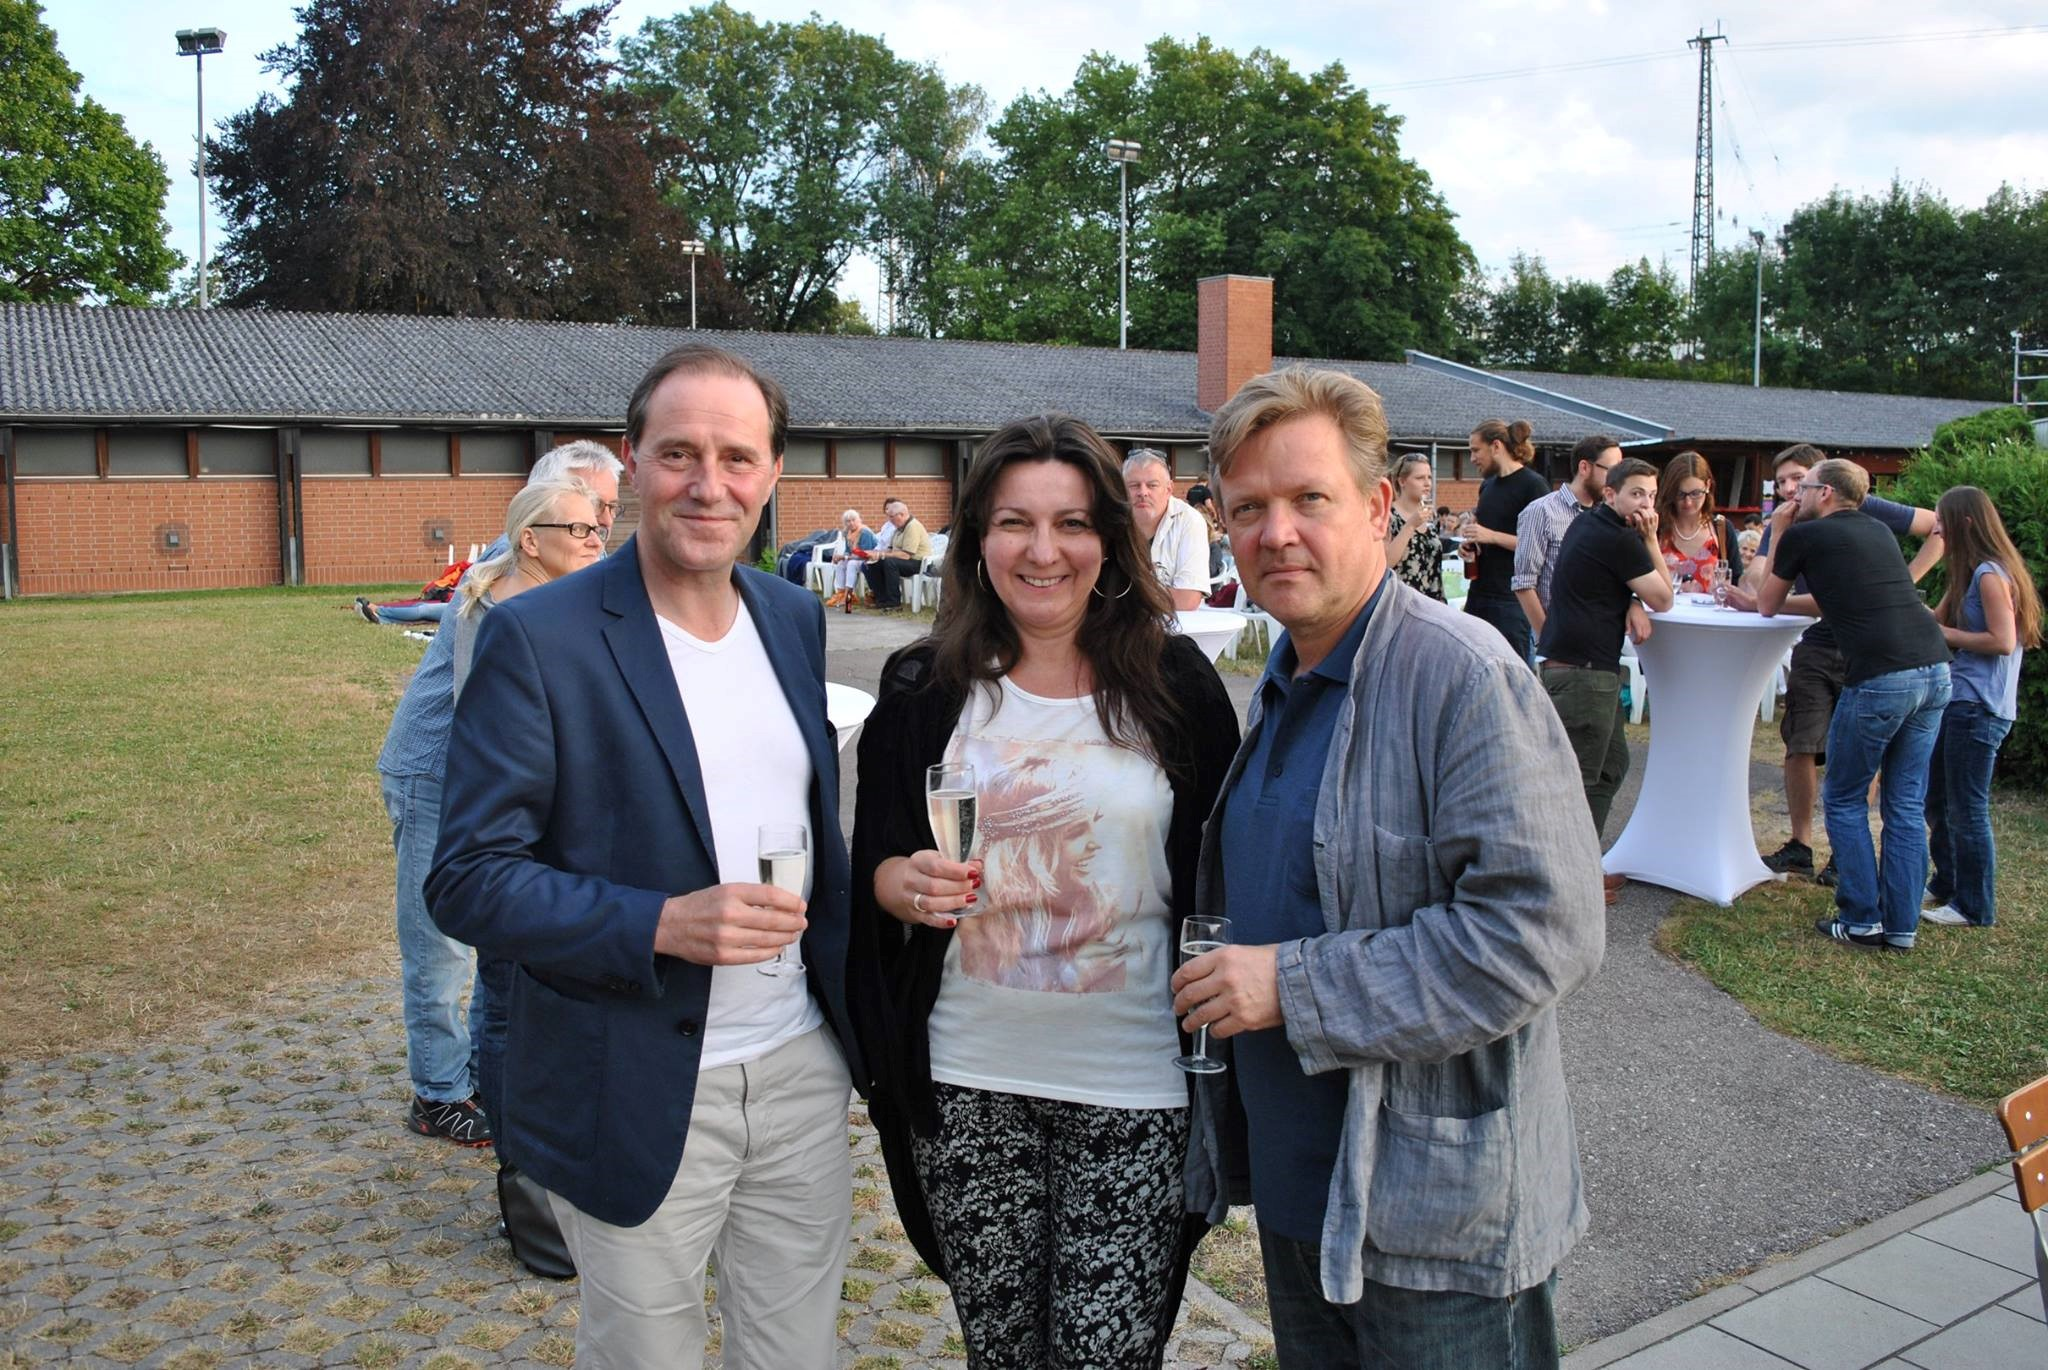 Gast: Stefan Kurt und Justus von Dohnanyi: DESASTER